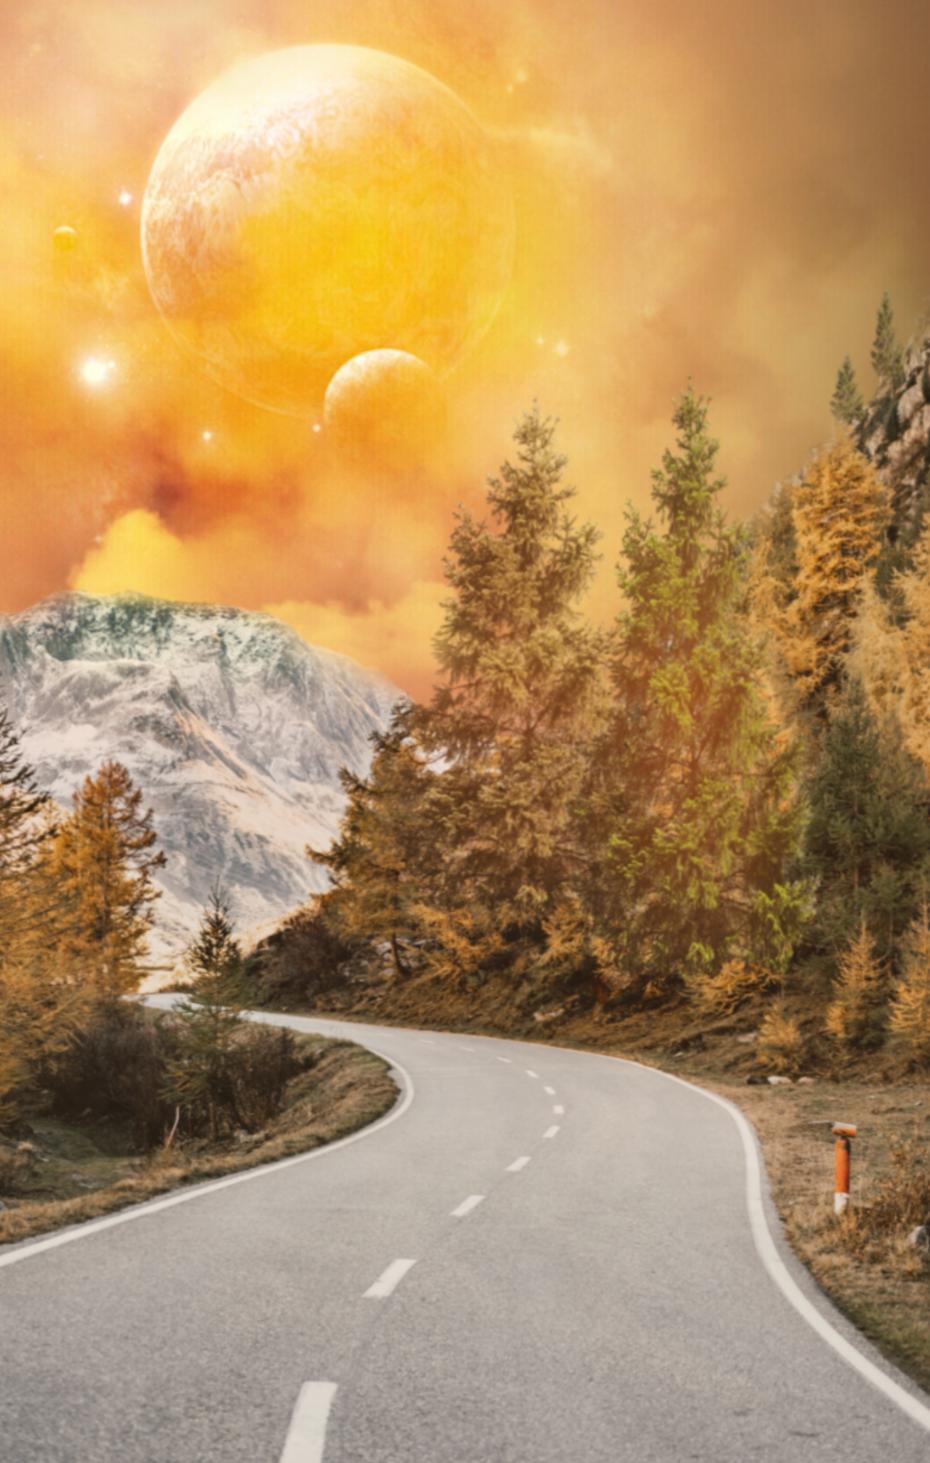 #freetoedit @pa @freetoedit @macmmaya #landscape #road #mountain #galaxy #sky